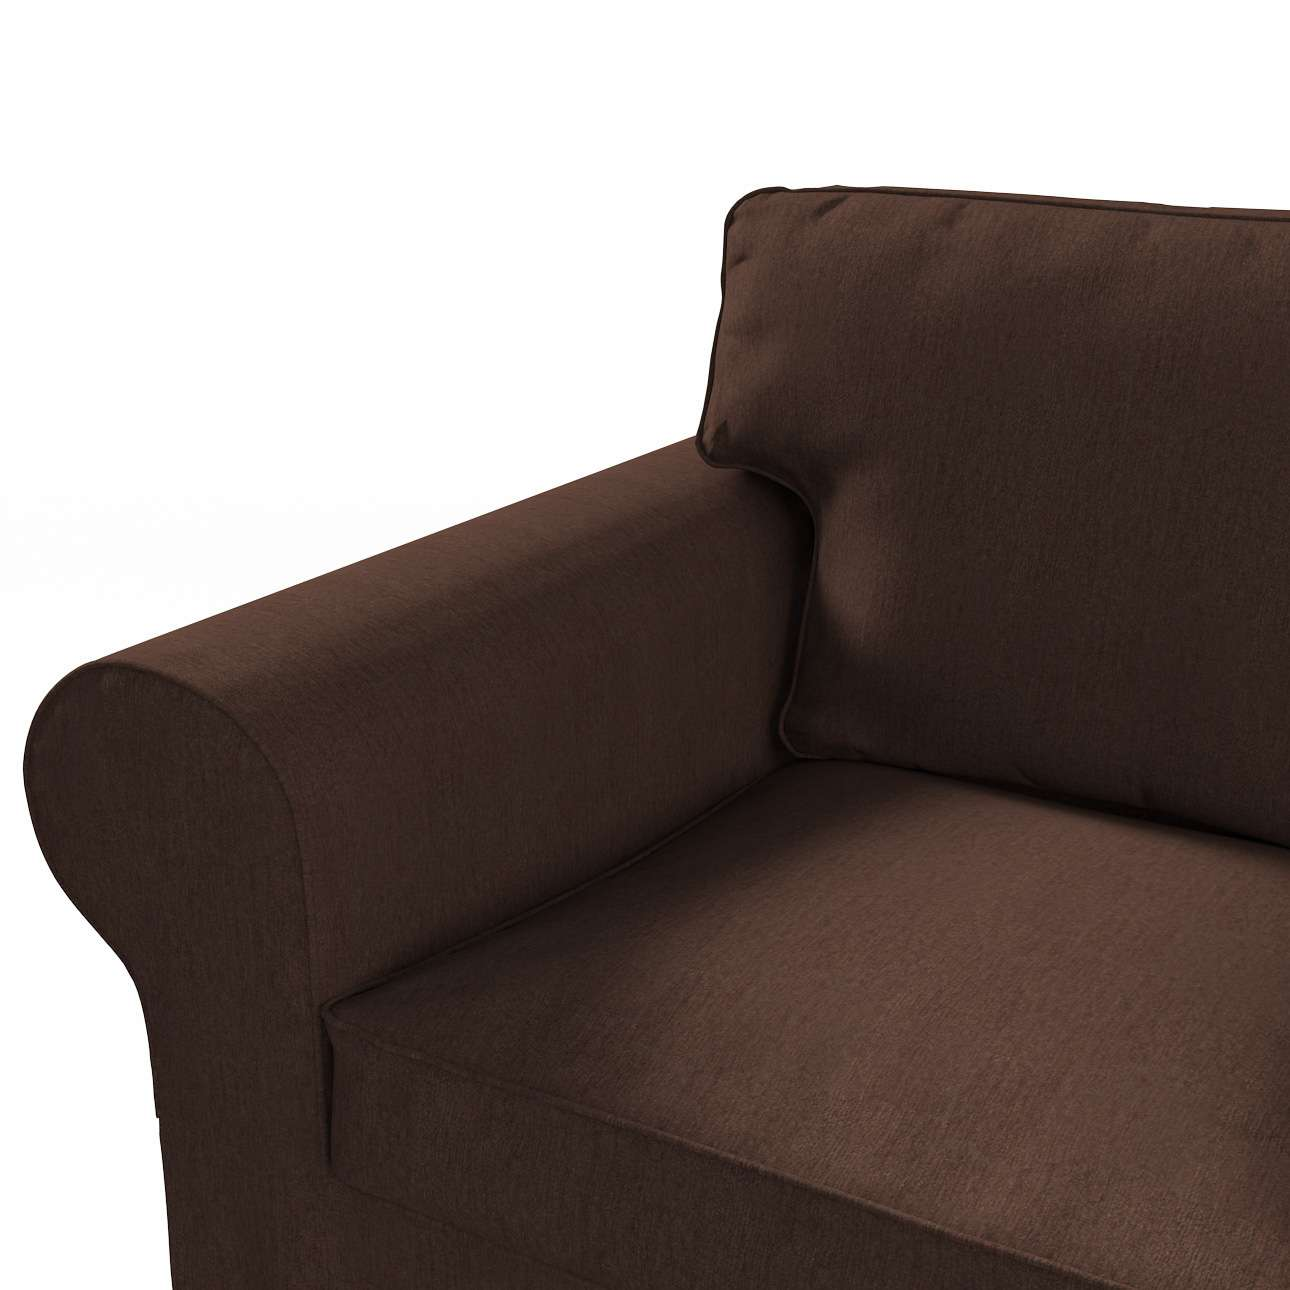 Pokrowiec na sofę Ektorp 3-osobową, rozkładaną STARY MODEL Sofa Ektorp 3-osobowa rozkładana w kolekcji Chenille, tkanina: 702-18